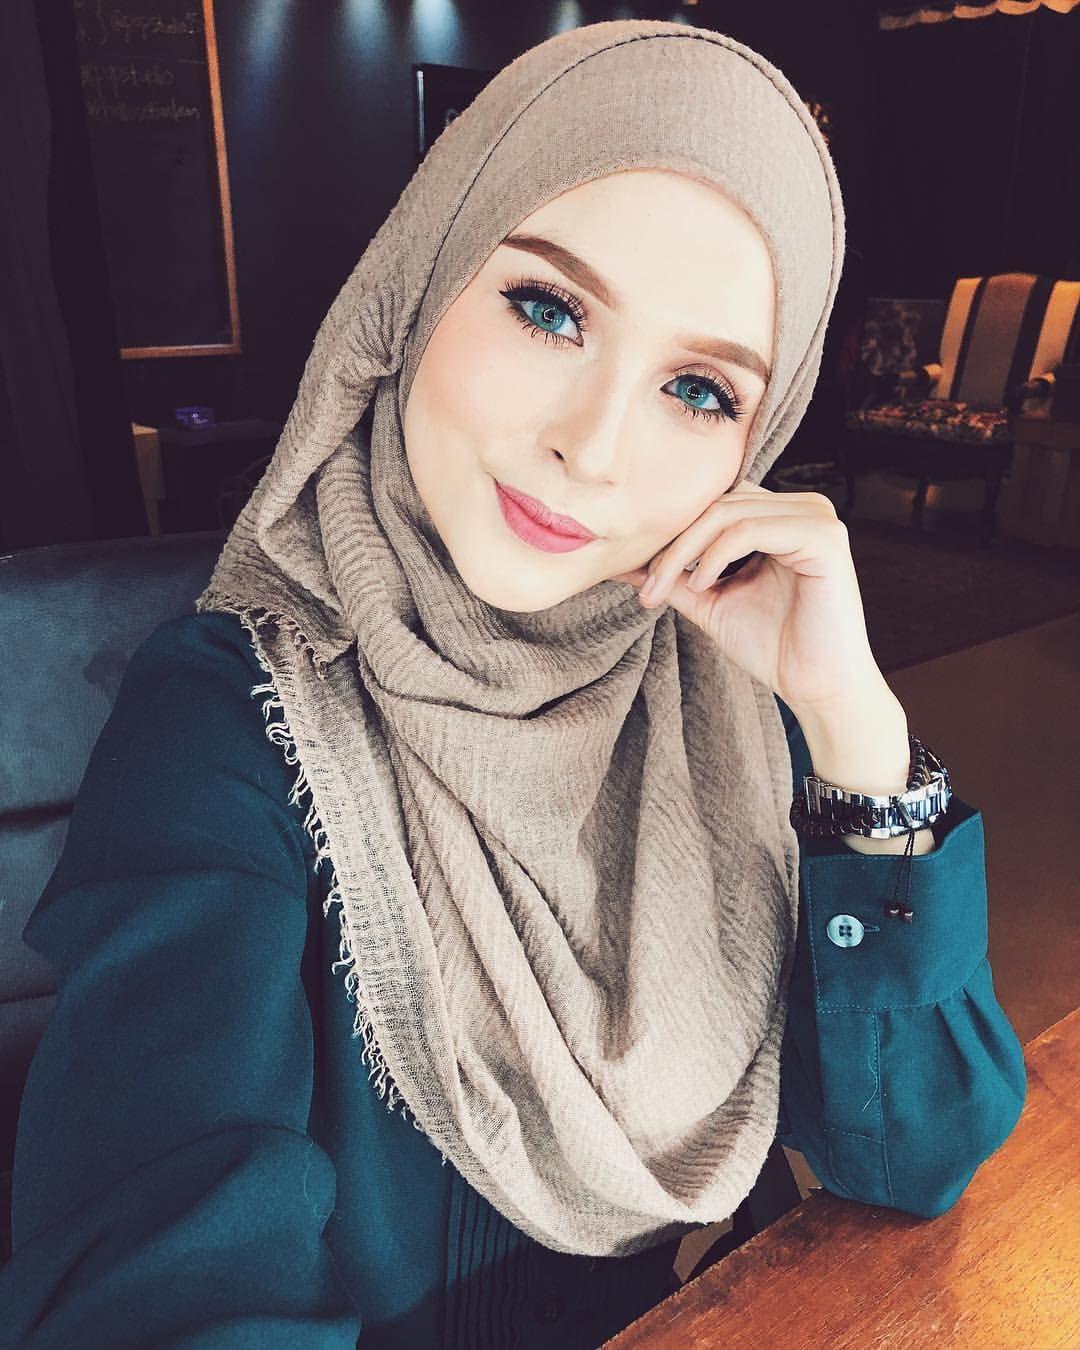 Хиджаб: достоинства и значимость